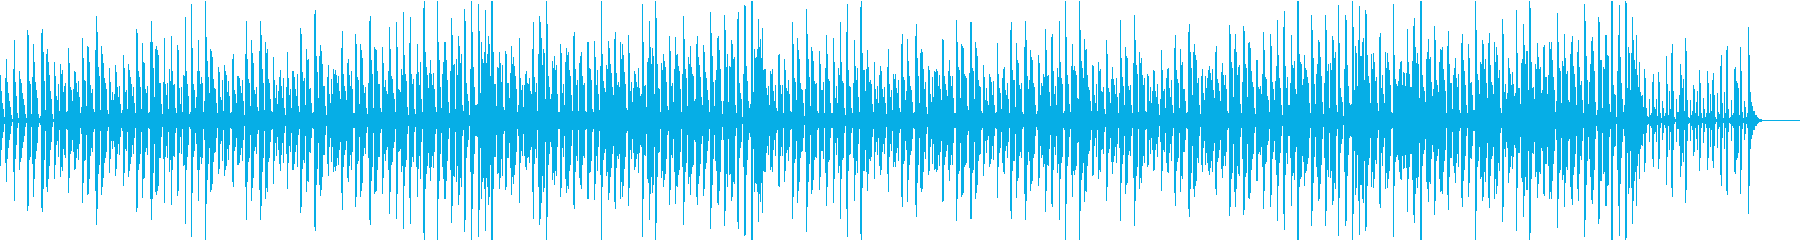 陽気でリズミカルなジャズの再生済みの波形